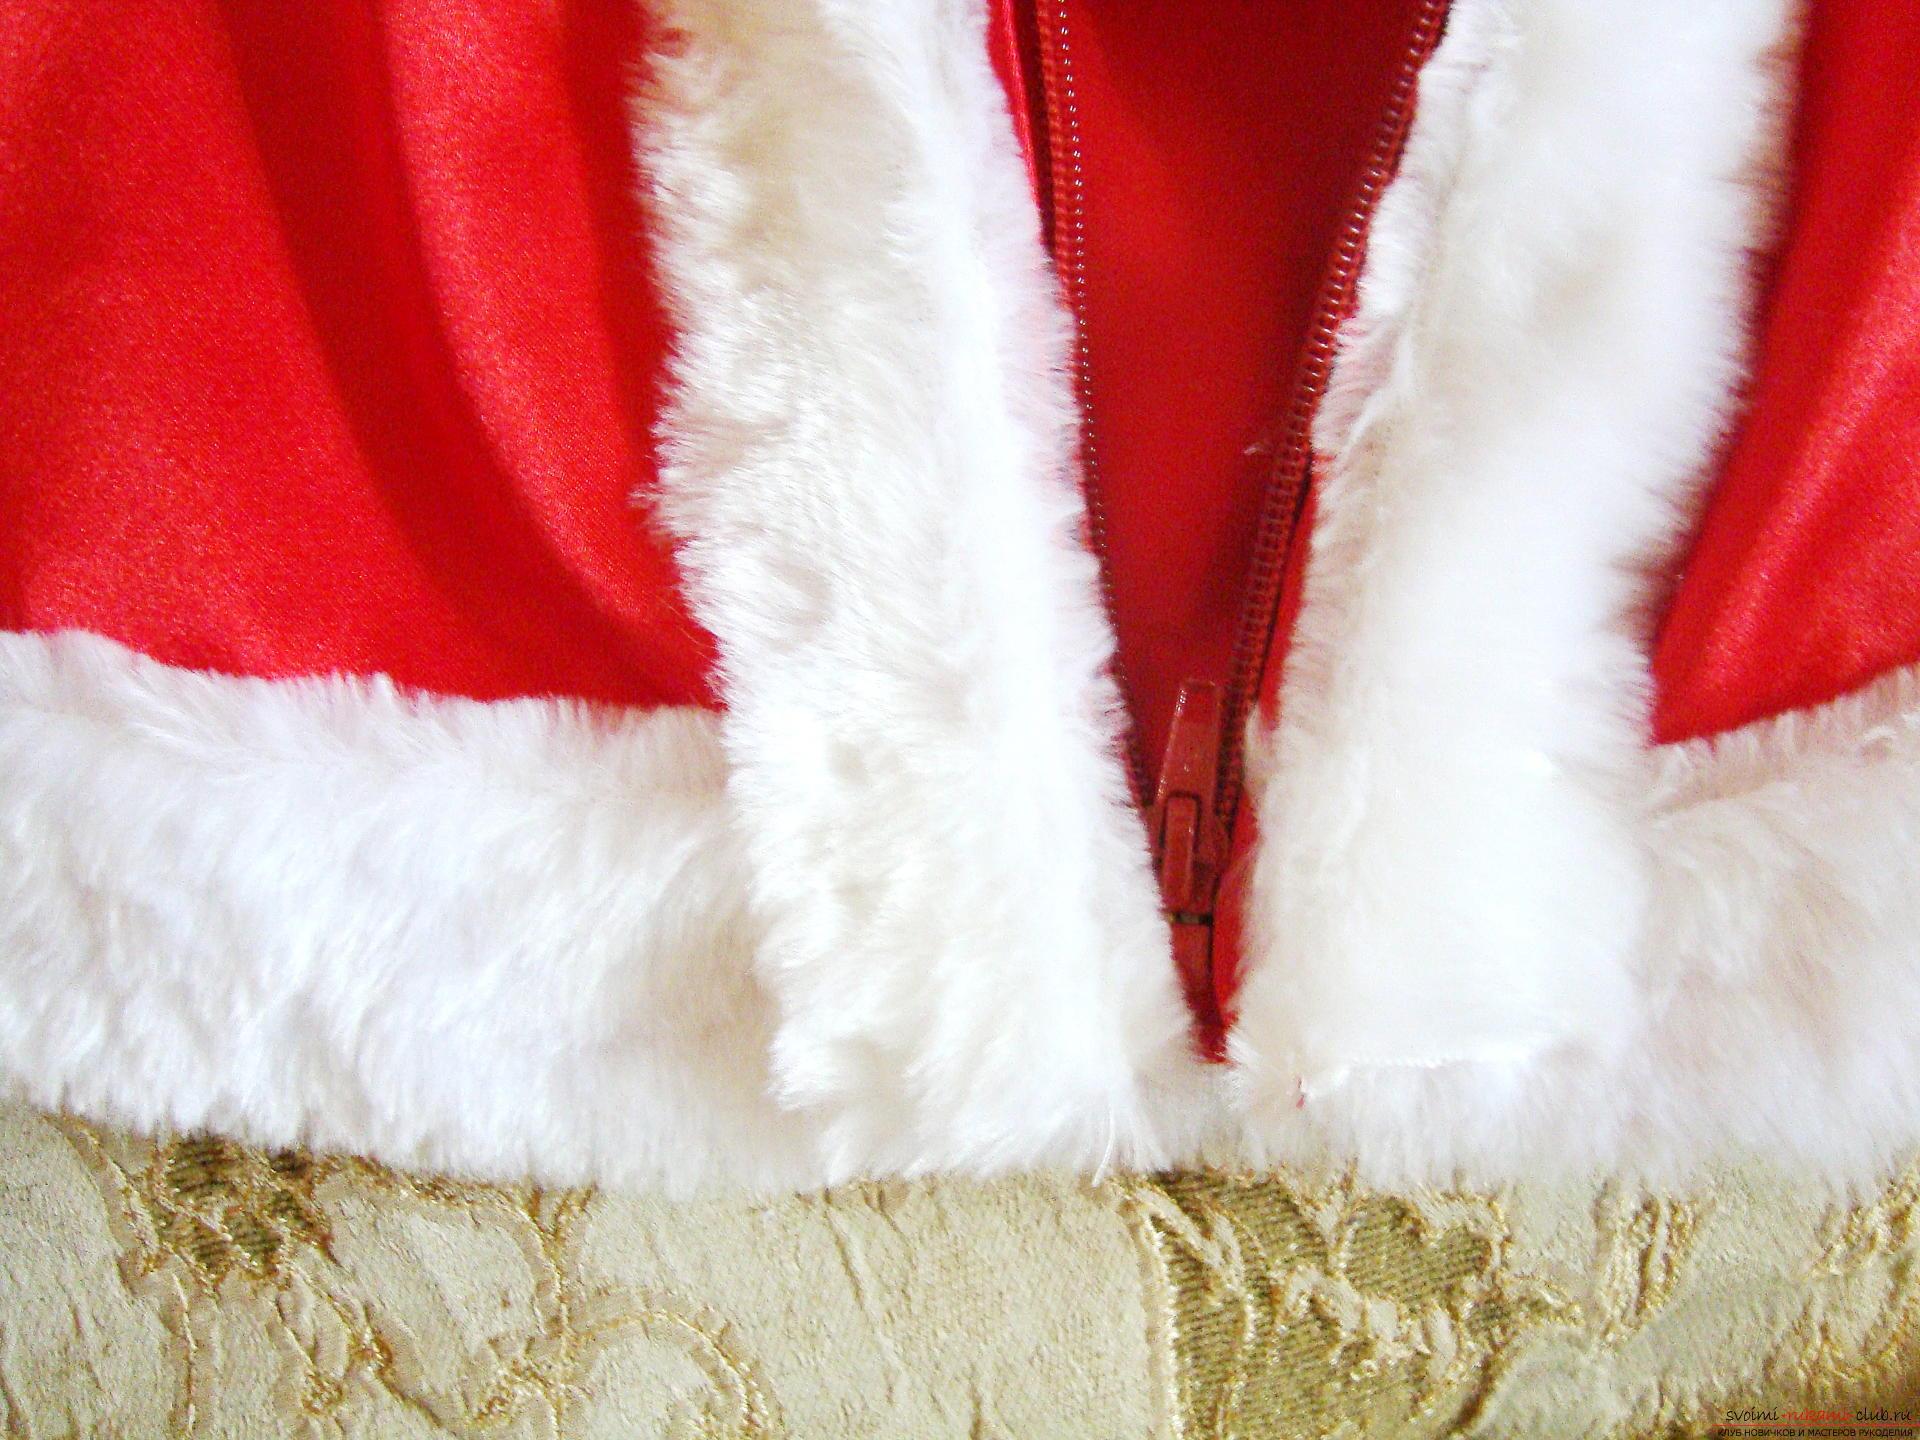 Новогодний костюм не всегда удобно купить, а пошить карнавальный костюм для мальчика может даже начинающая мастерица.</p> </div> <p> Мастер-класс с фото и видео поможет создать новогодний детский костюм по образу Санты Клауса.. Фото №9″/></p> <p>Следующий шаг шитье штанов. Сначала друг с другом сшиваются задние и передние половинки, затем обе части сшиваются в одно изделие, внутренние швы обрабатываются.</p> <p> По поясу делается подгиб и вставляется резинка.</p> <p> Низ штанин украшается белой пушистой окантовкой или подгибается.</p> <p>Последняя деталь колпачок.</p> <p> Раскроенные клинья сшиваются вместе, по низу пришивается окантовка, на кончик помпон из белых ниток или меха.</p> <p><strong>Чем можно дополнить костюм Санта Клауса?</strong></p> <p>Маленькому ребенку достаточно сложно подобрать подходящую к костюму обувь, поэтому ее можно сшить из остатков ткани.</p> <p> Для определения размера нужно обвести ножку ребенка и сделать небольшой припуск 0,5-1 см со всех сторон. Детали подошвы можно выкроить из кожи или войлока.</p> <p> Затем из ткани выкраиваются 4 детали, закрывающие носки, и голенища. Тканевые детали сначала сшиваются между собой, затем пришиваются к подошве.</p> <p> Верх получившихся валенок можно украсить белым мехом, но тогда желательно оставить штаны без опушки снизу.</p> <p><div style=